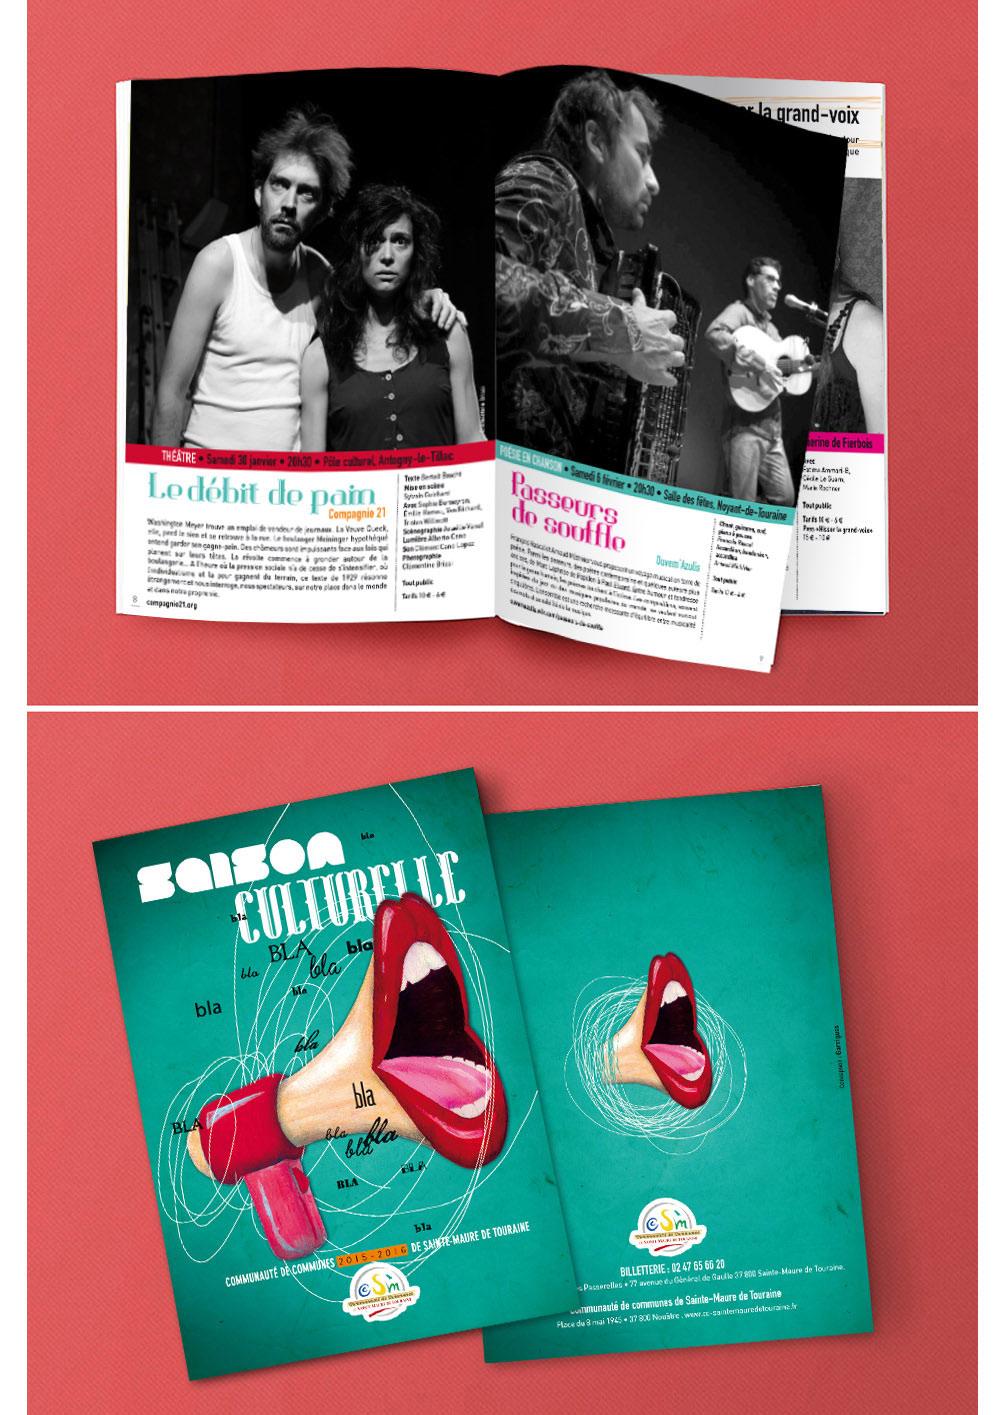 Affiche et brochure saison culturelle Communauté de communes Sainte Maure de Touraine